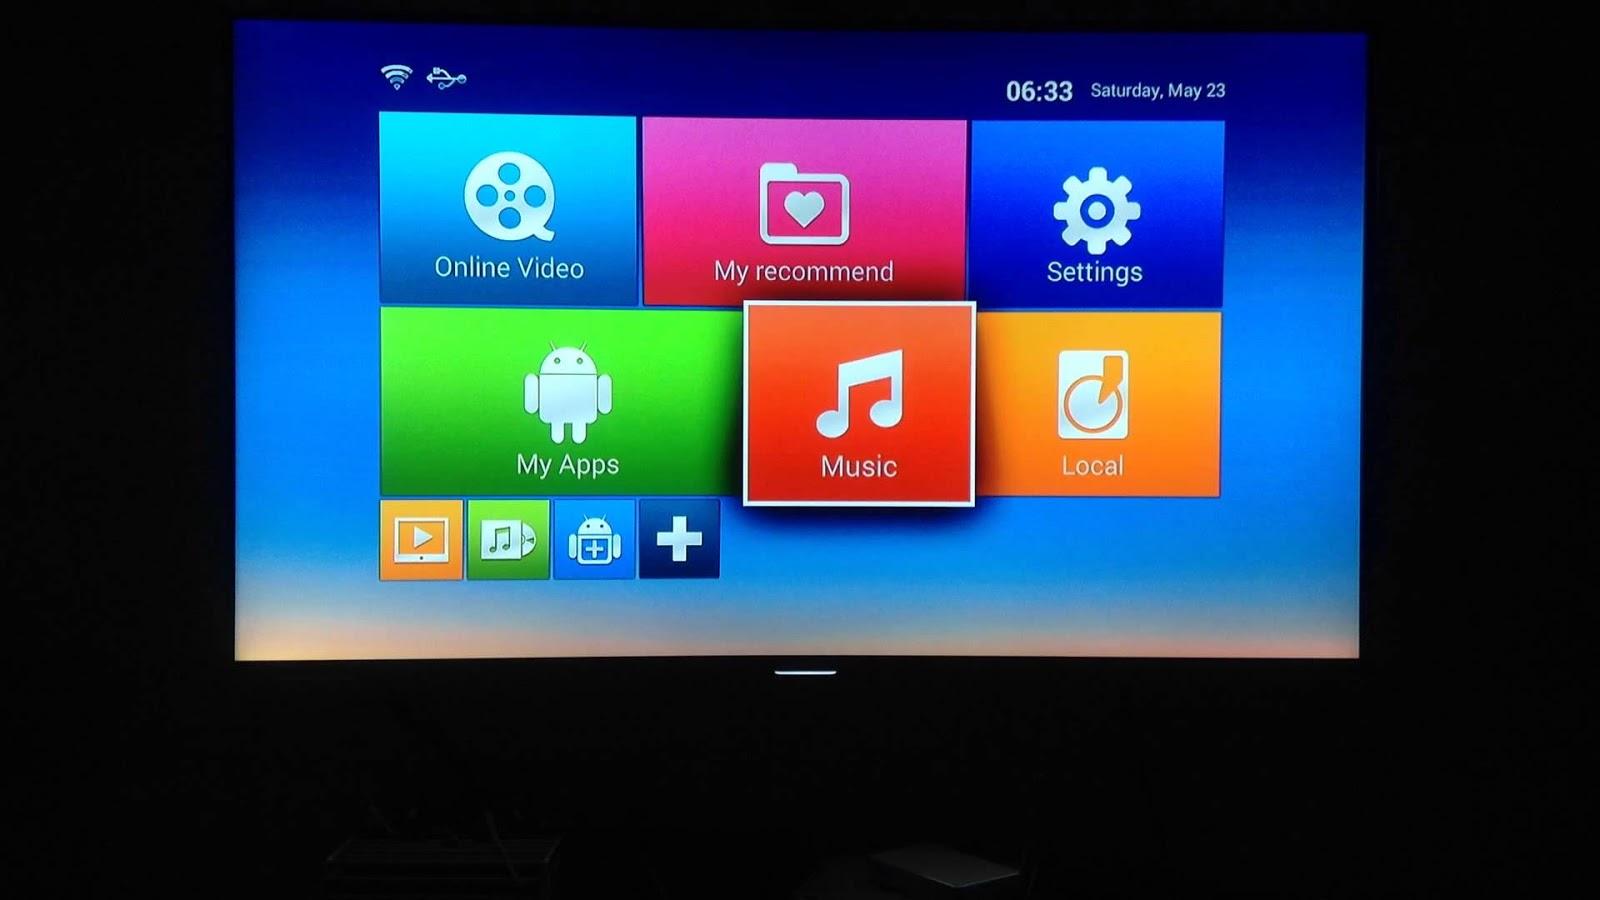 UKTVNOW APK Download – Free Live TV Channel App – UkTVNow